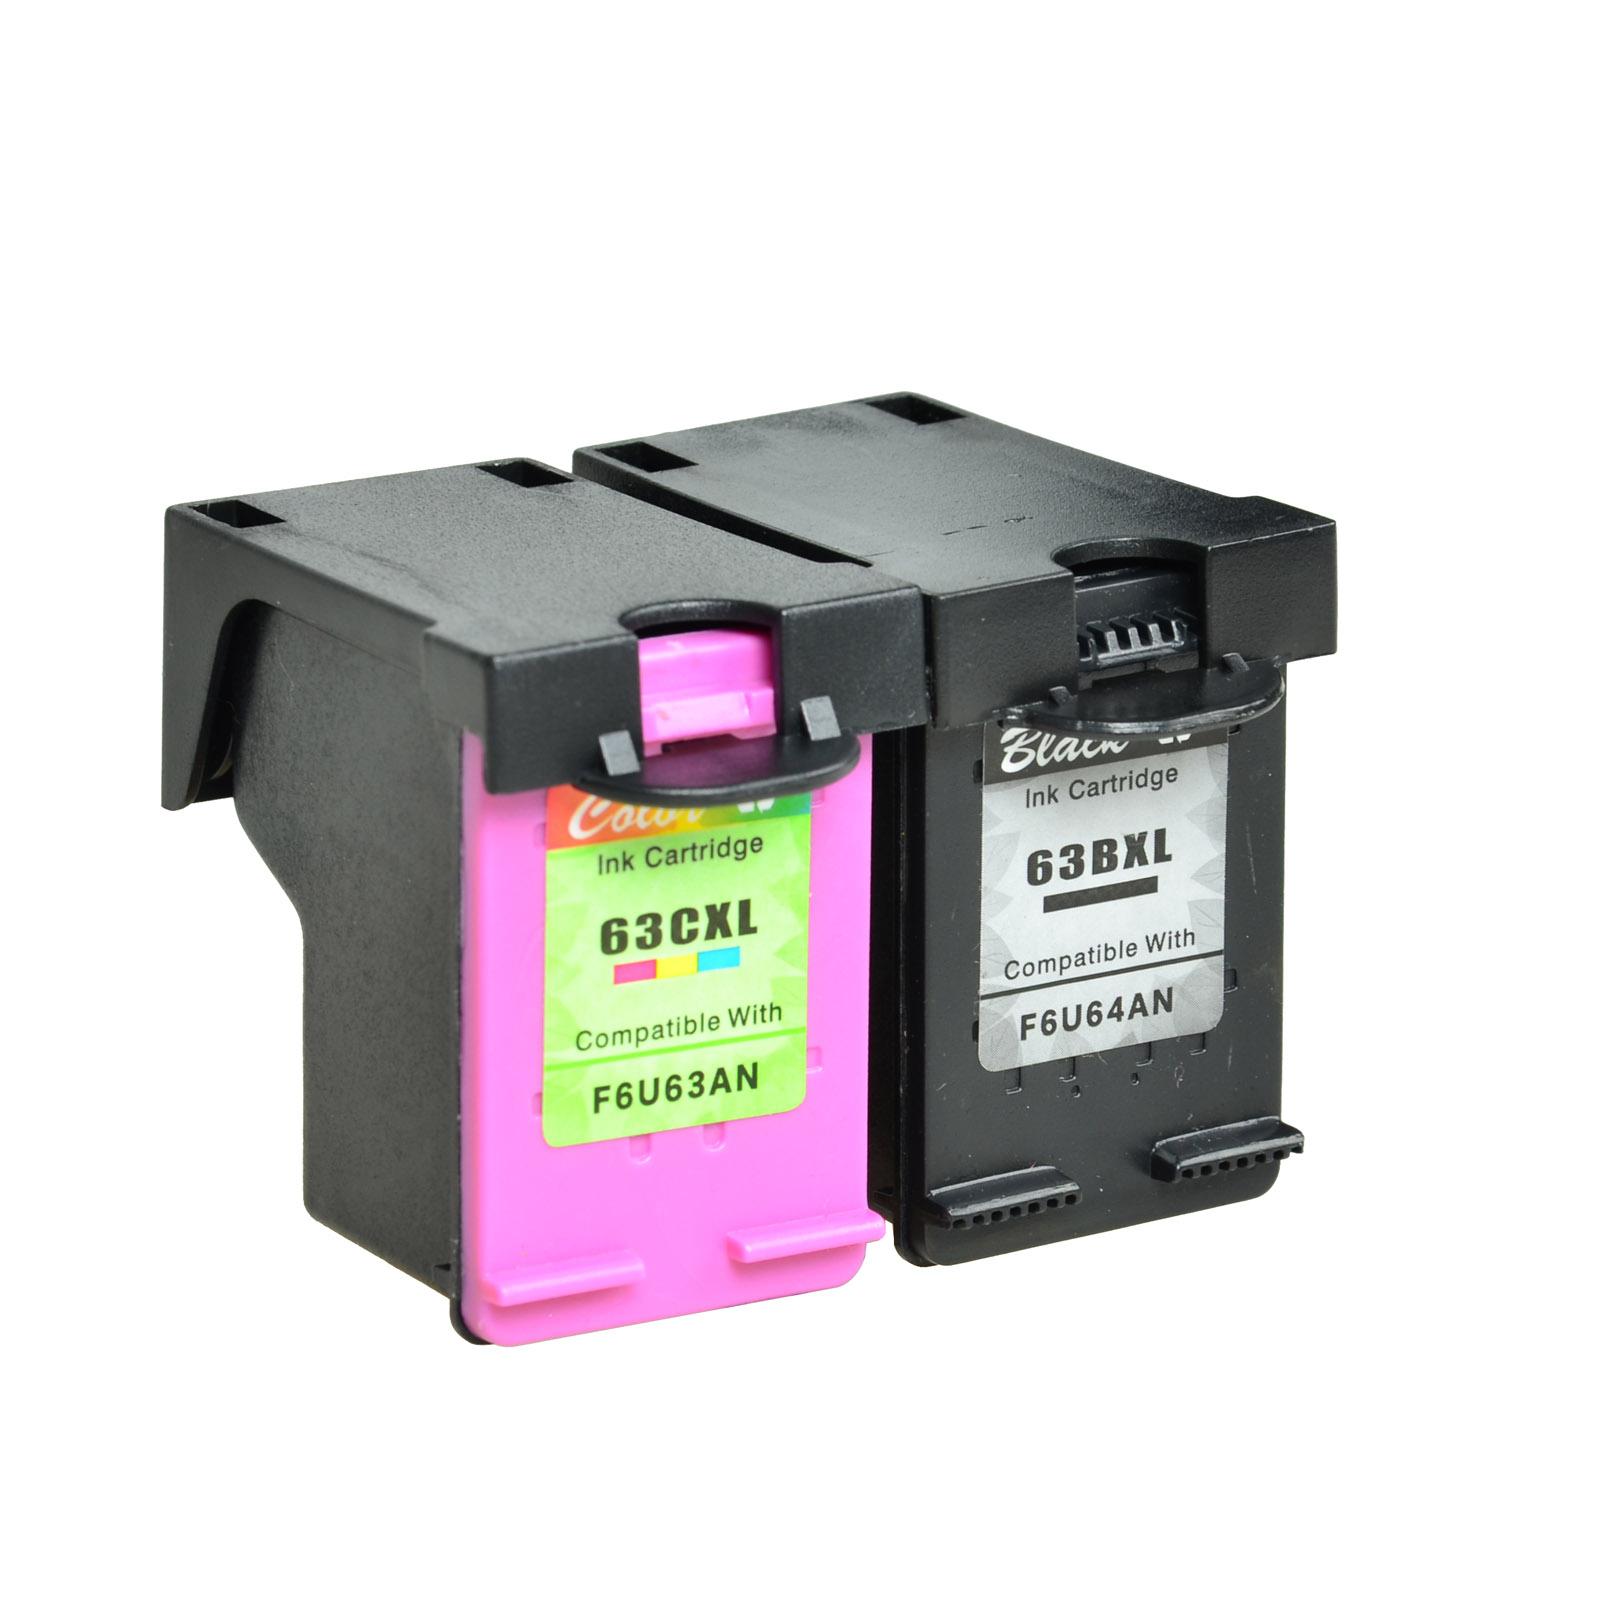 2 Combo Ink Cartridges Refurbised for HP 63XL HP Deskjet 1112 2130 3630 3632